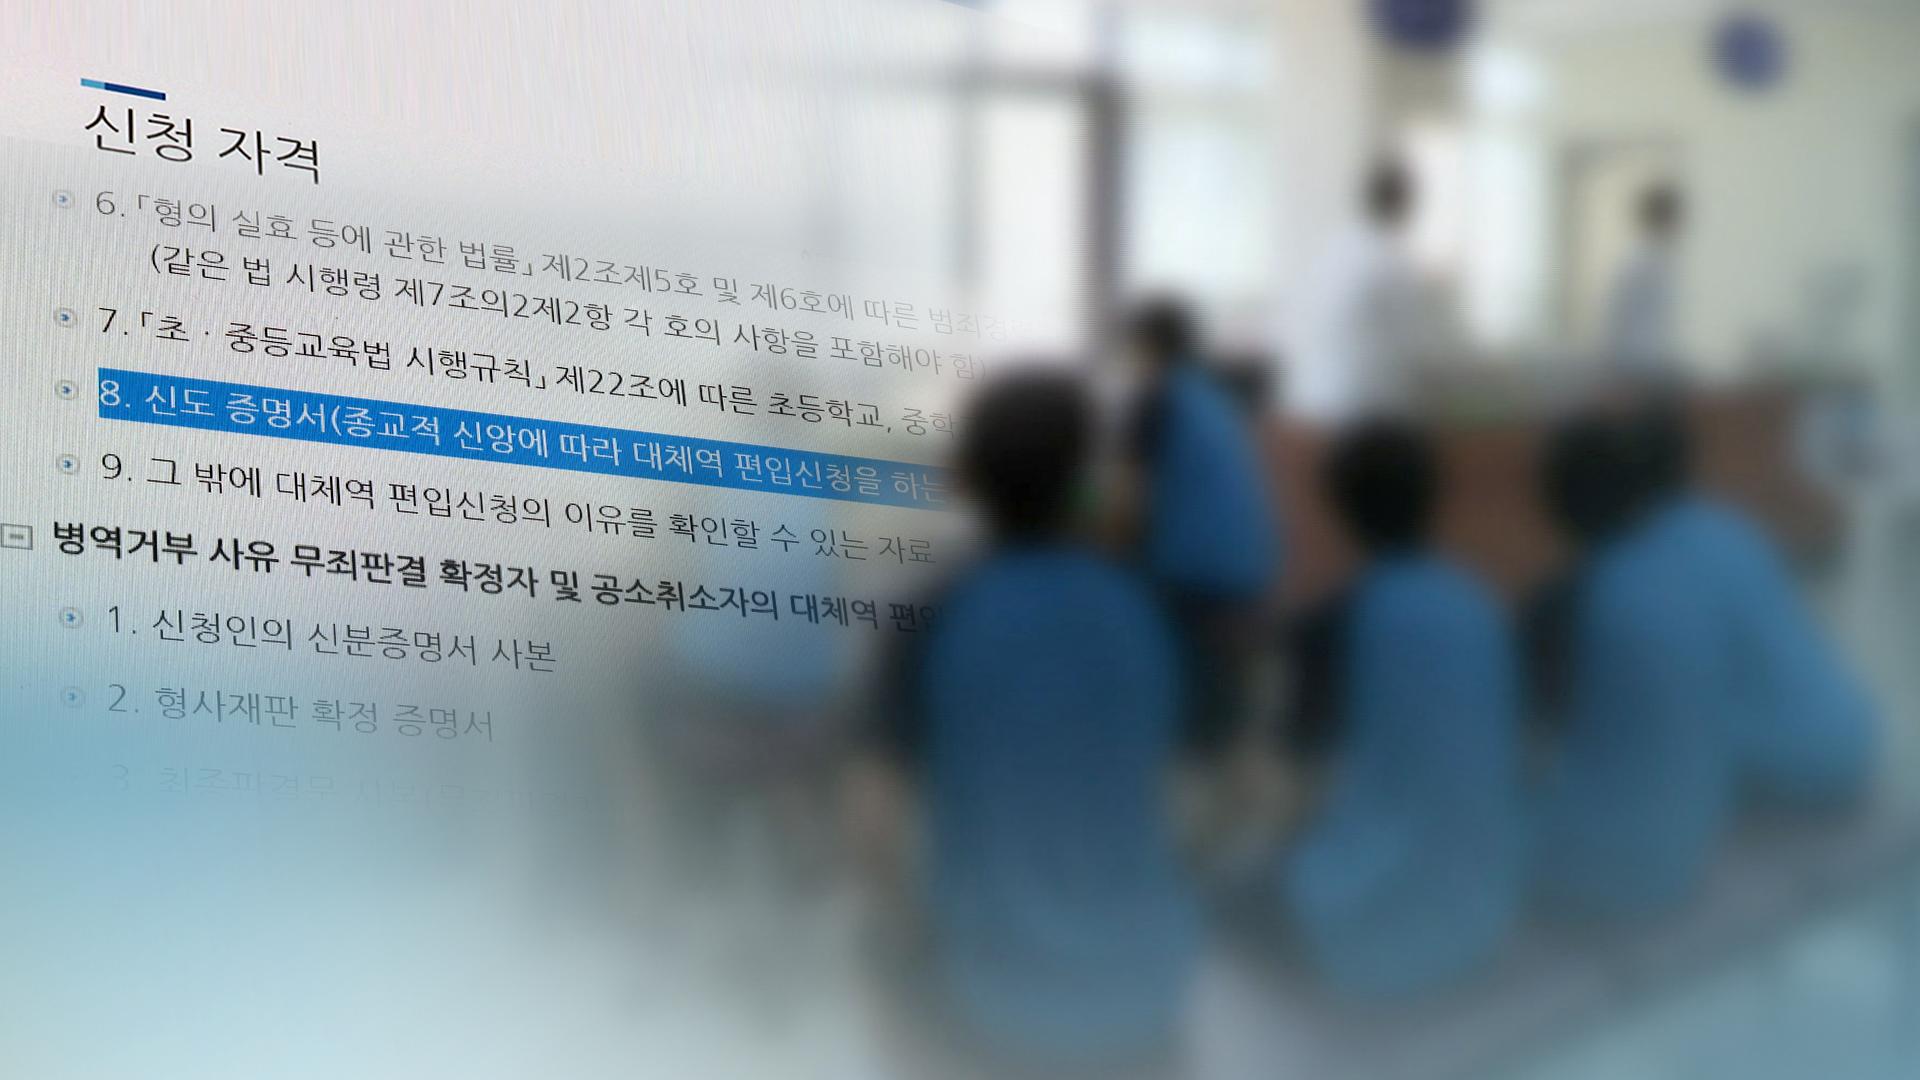 병역거부 대체복무제 26일 첫 시행…교도소 36개월 근무